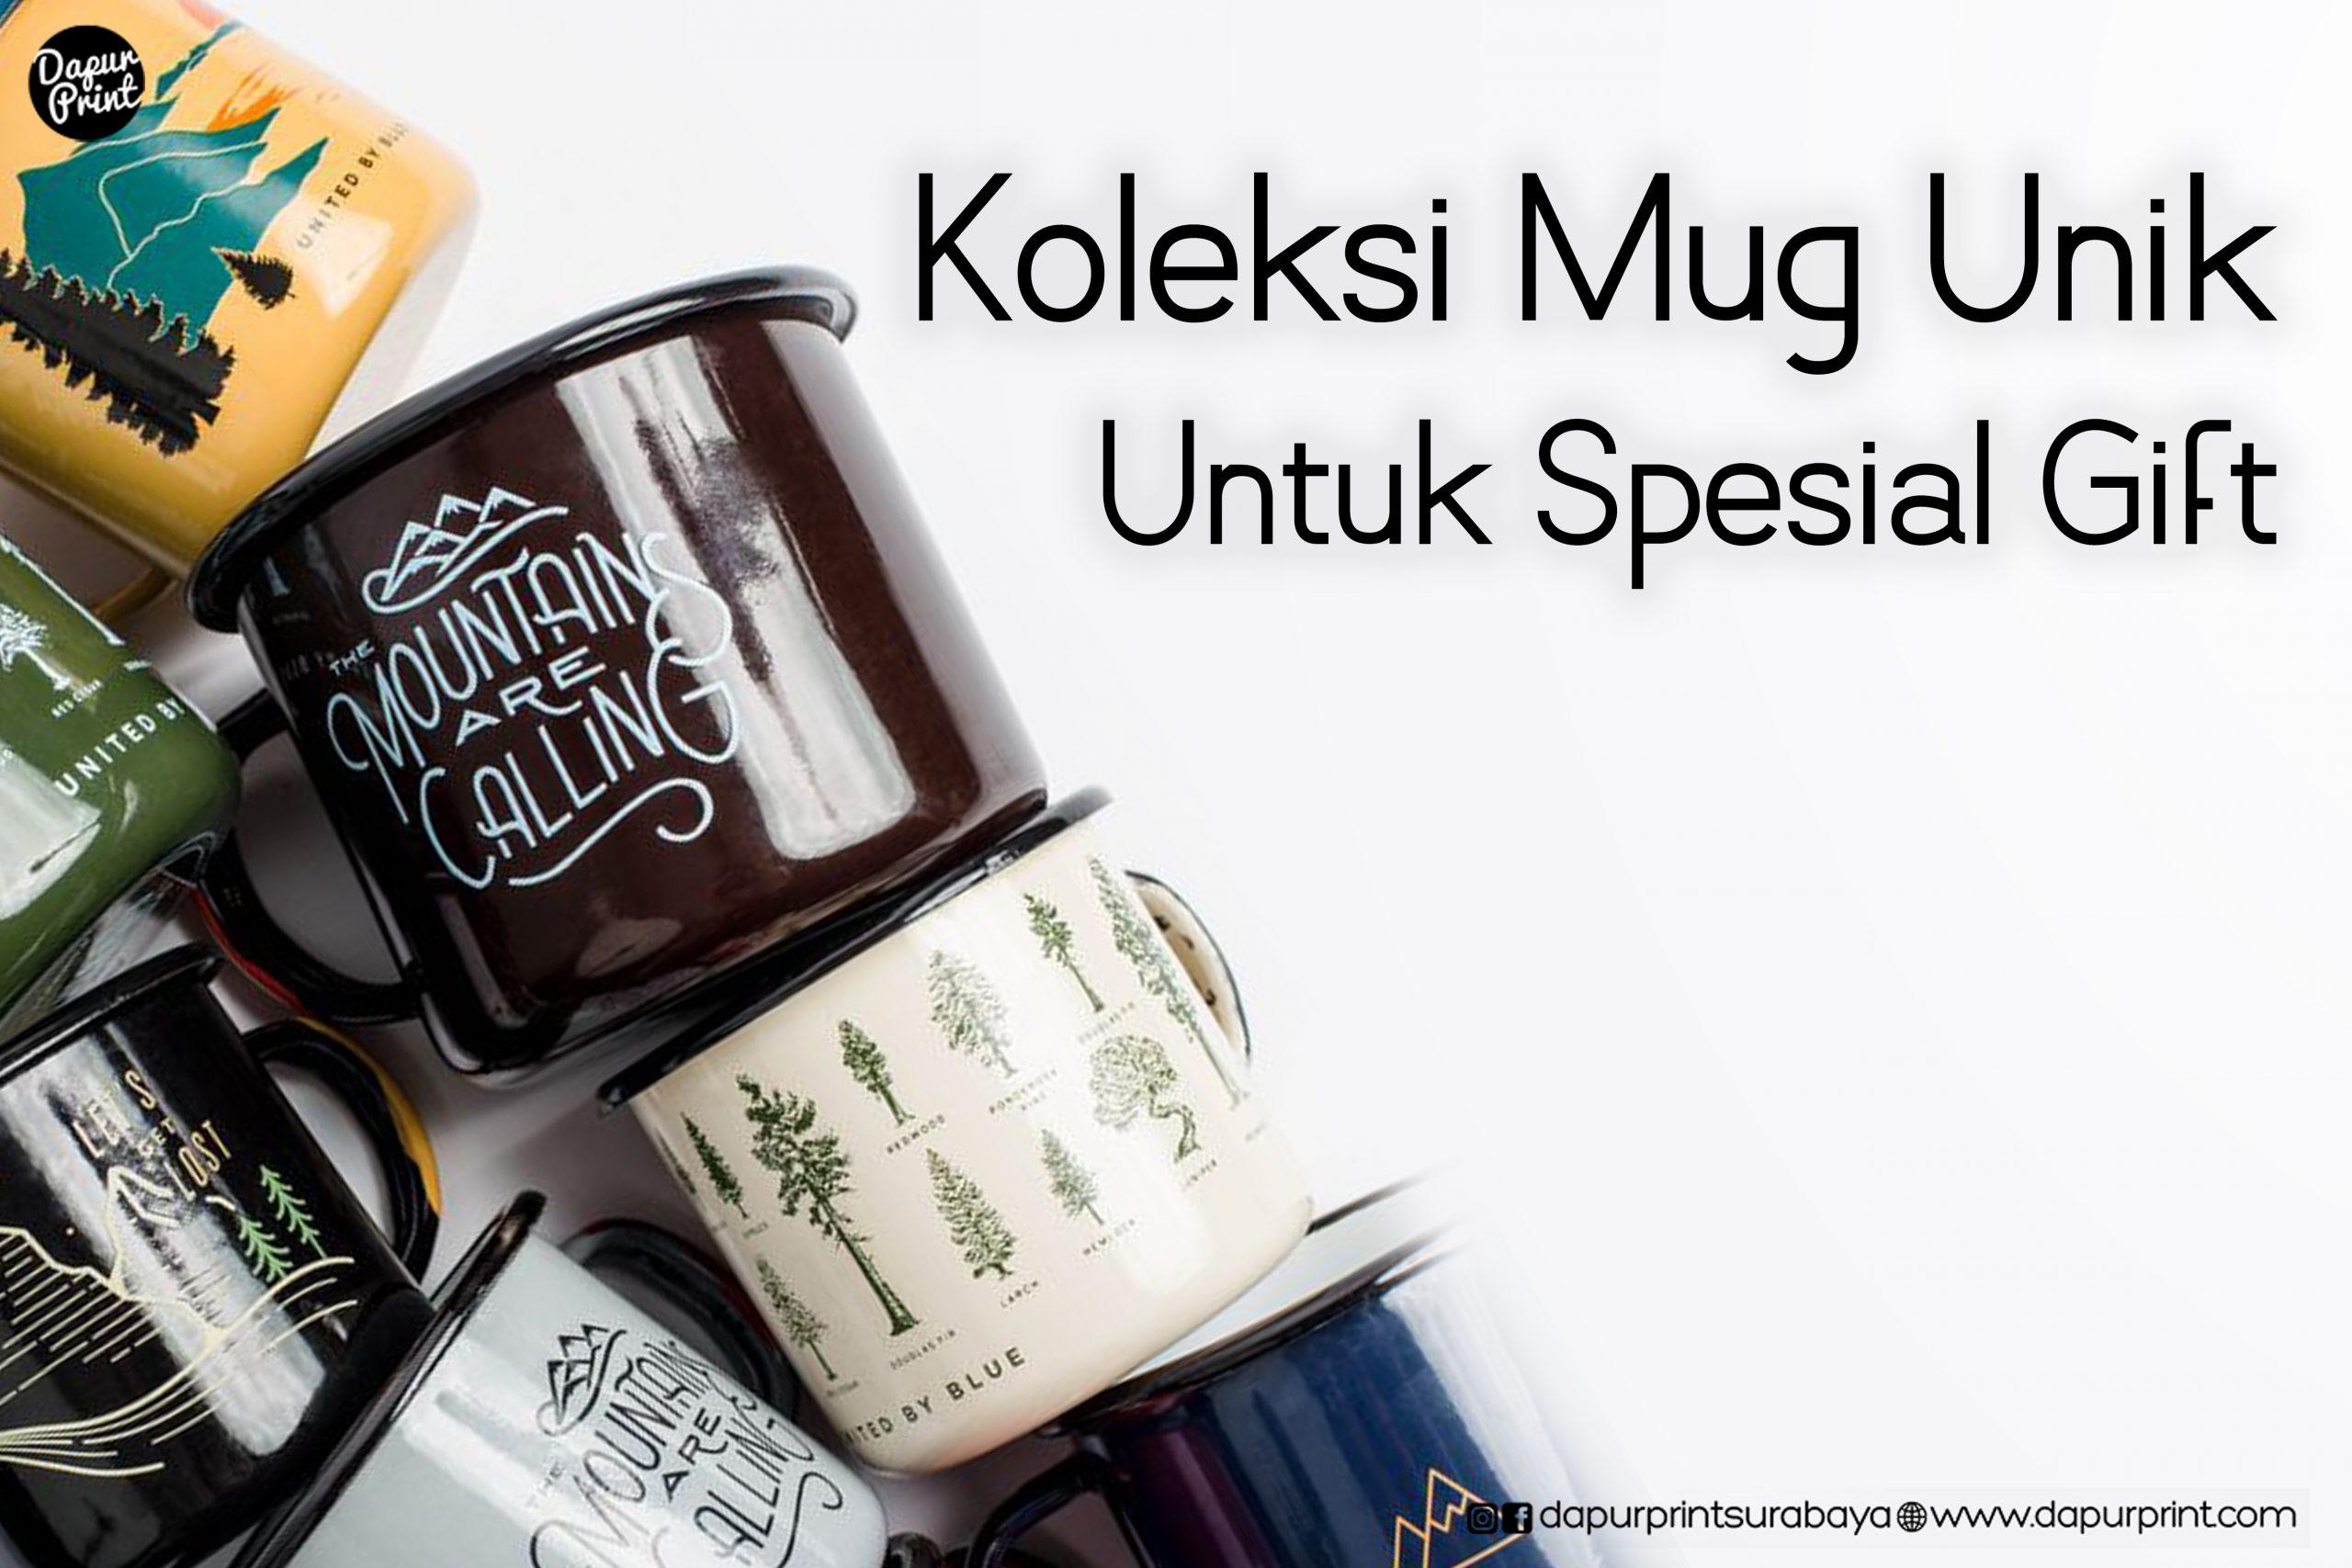 Koleksi Mug Unik untuk Spesial Gift